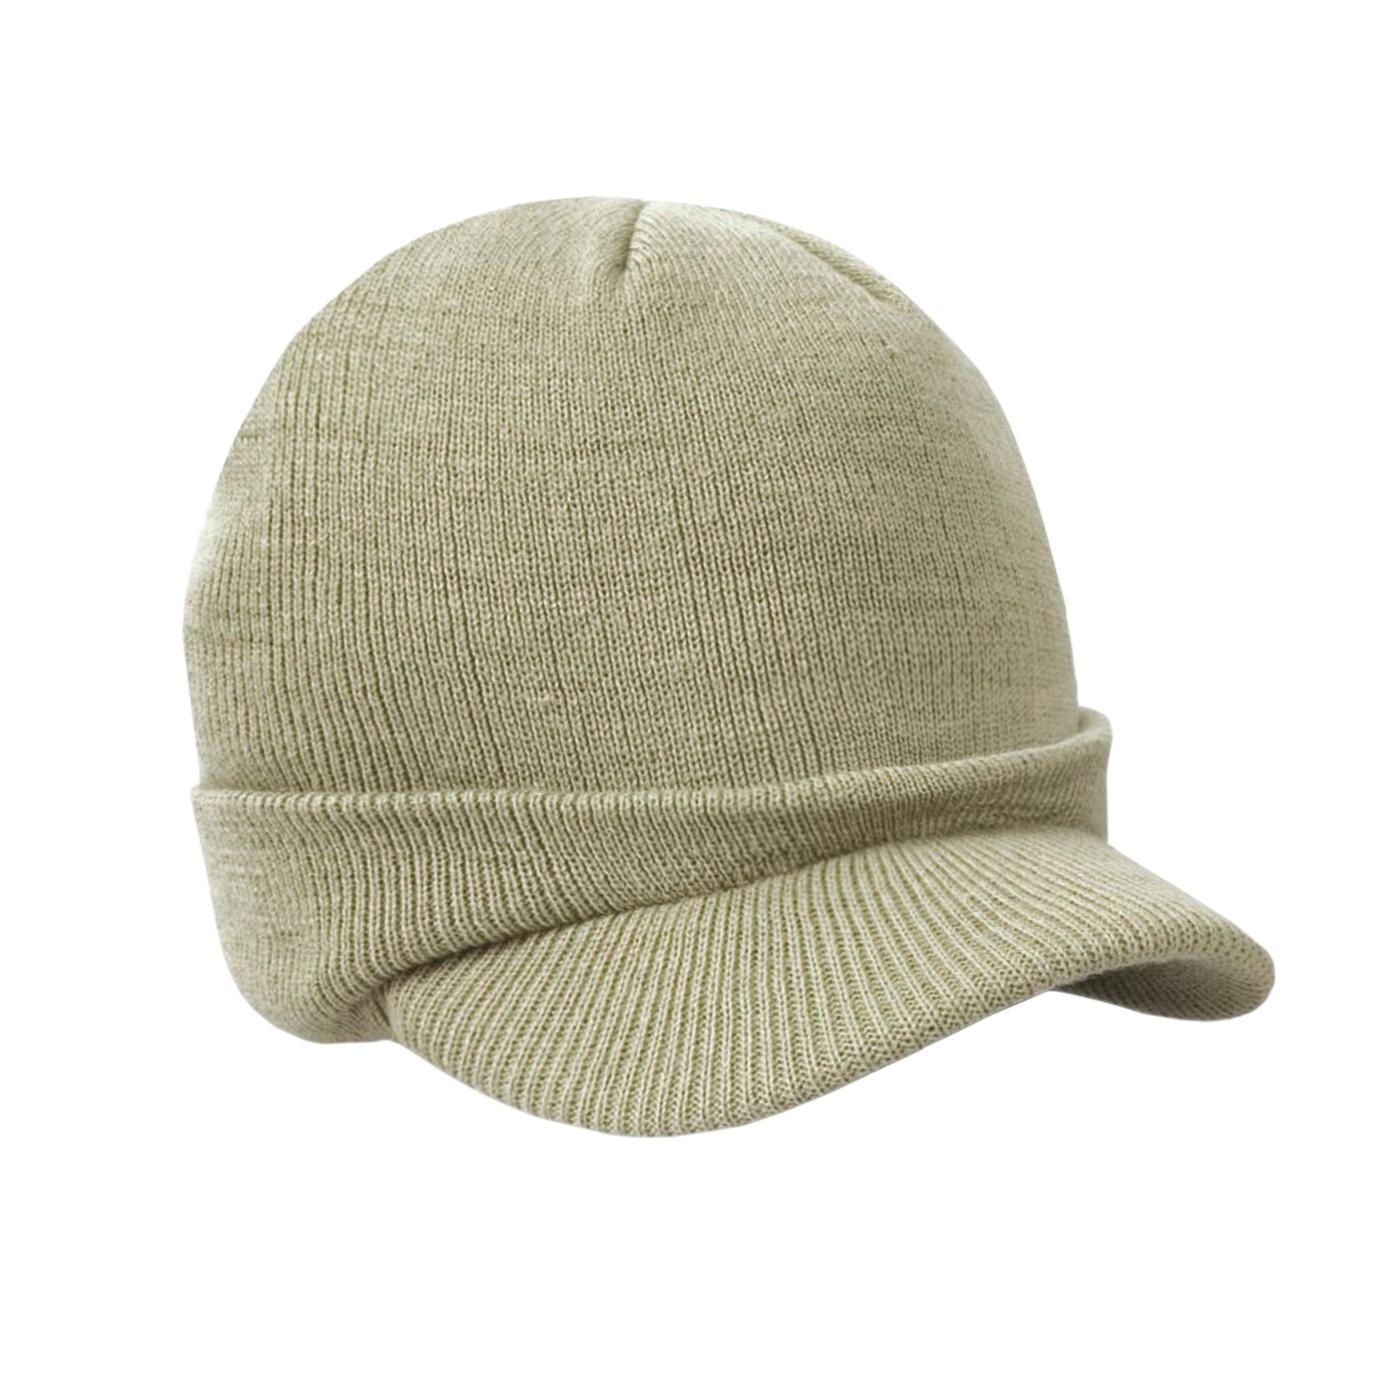 Męska czapka zimowa z daszkiem fullcap – beżowa khaki z wywinięciem